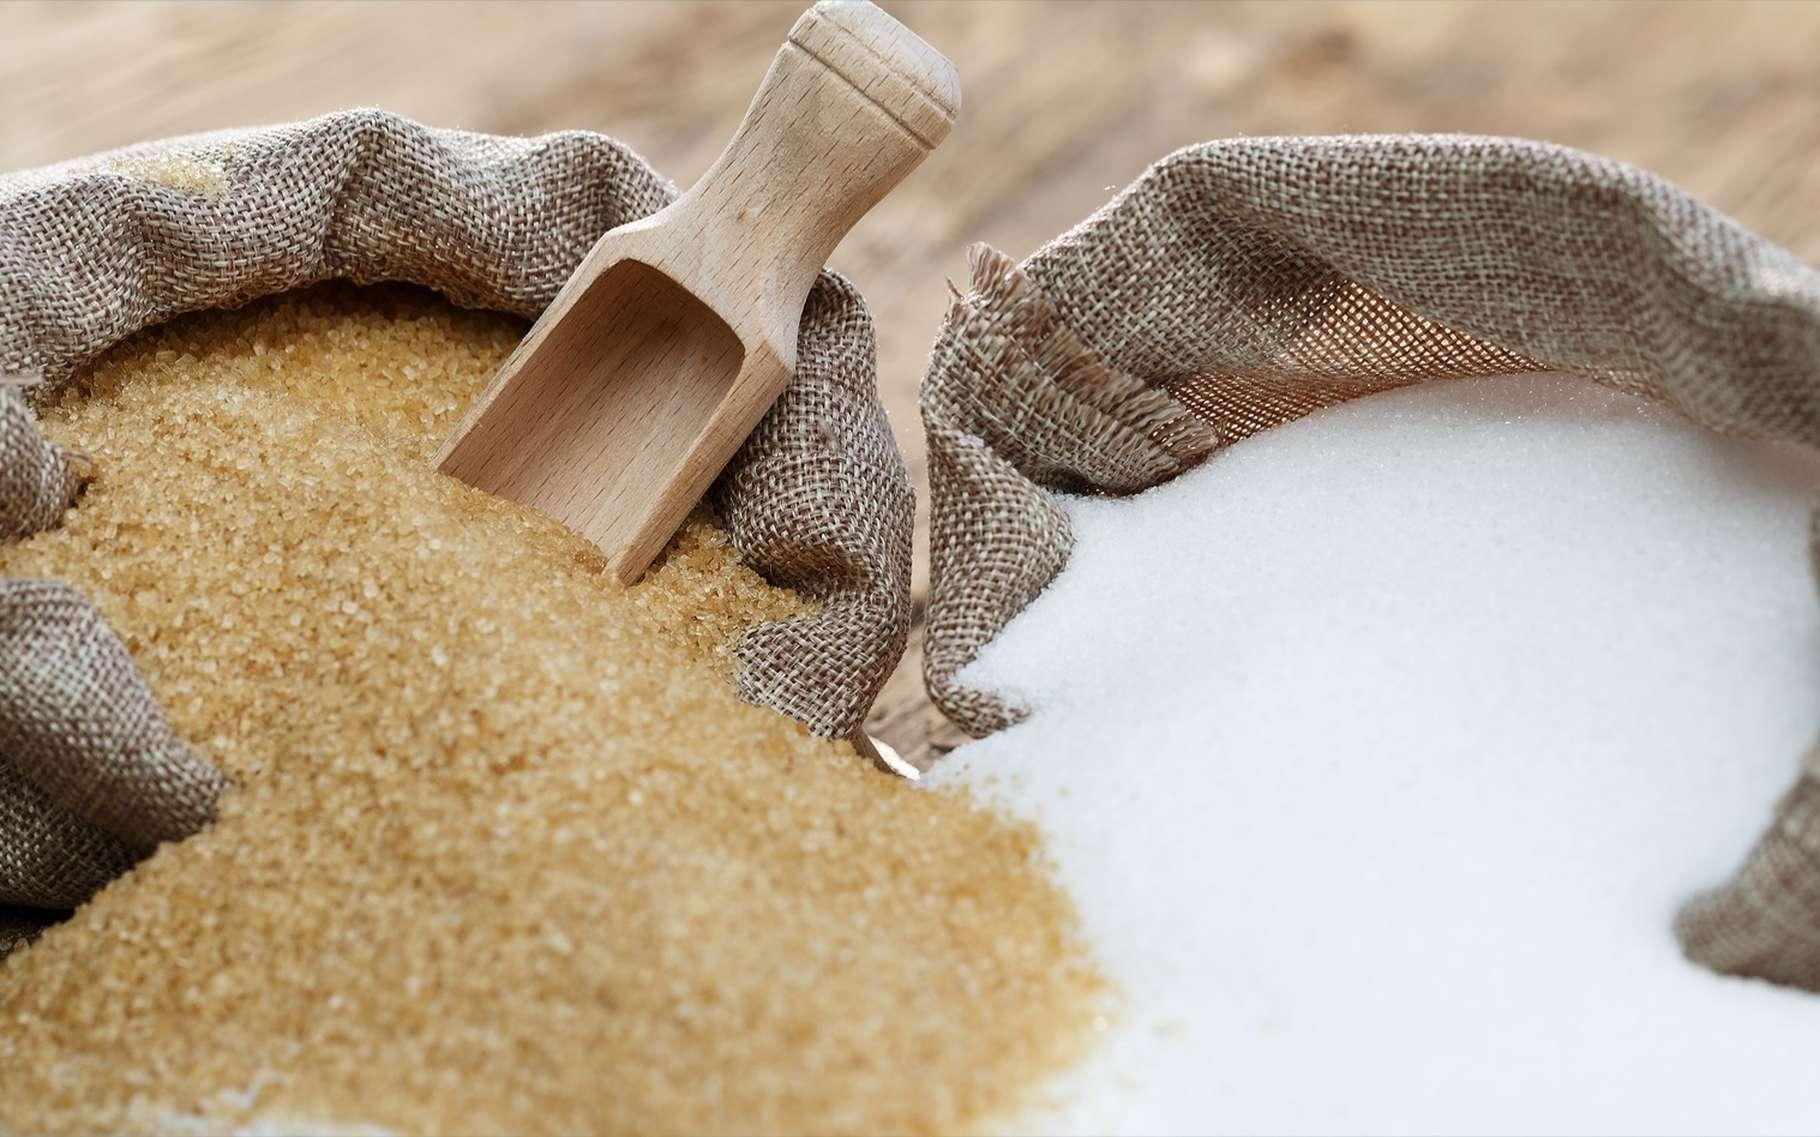 La chronique des matières premières agricoles: Le sucre au 14 mai 2020